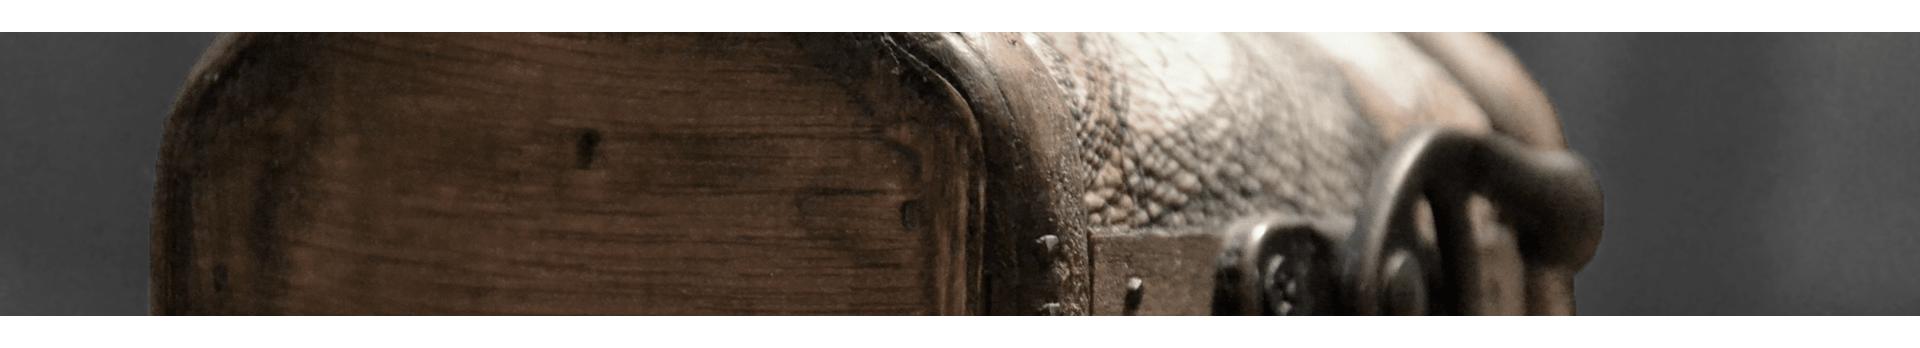 Tibores, Bomboneras y Joyeros | Mobelfy ®